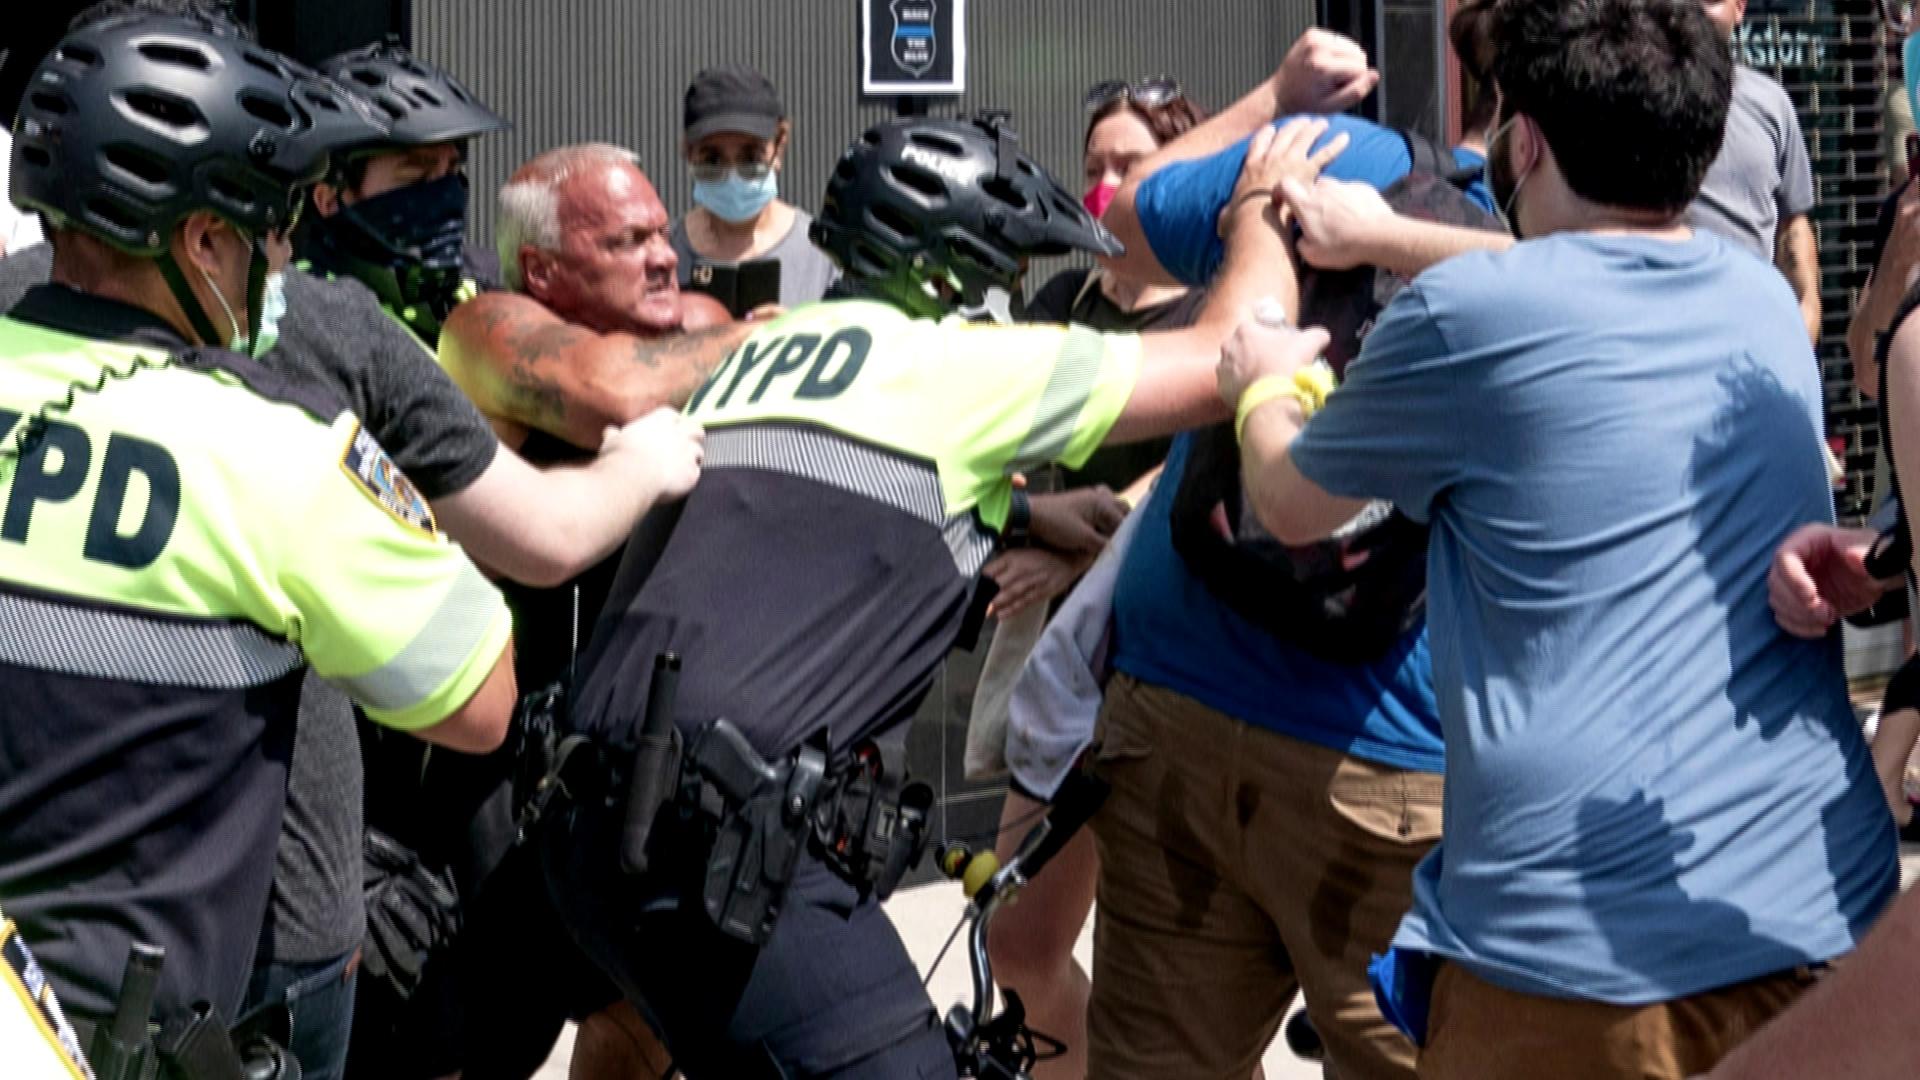 """大发888真人:""""黑人的命也是命!""""美国抗议者与警员支持者发生冲突 第1张"""